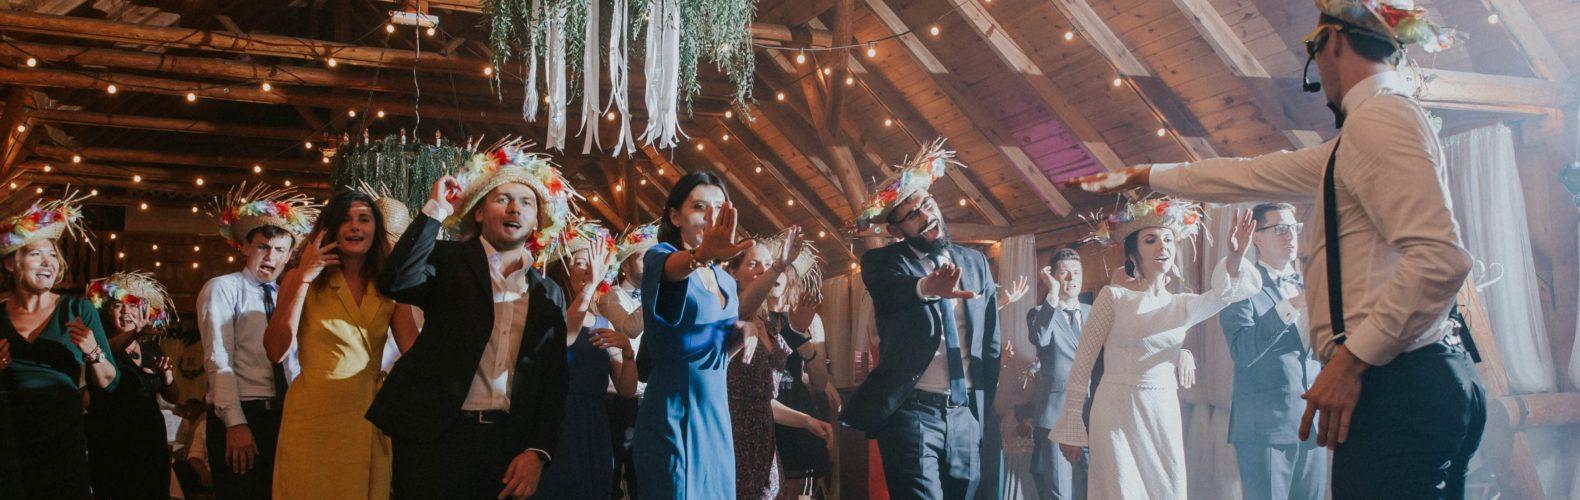 animacje taniec na weselu